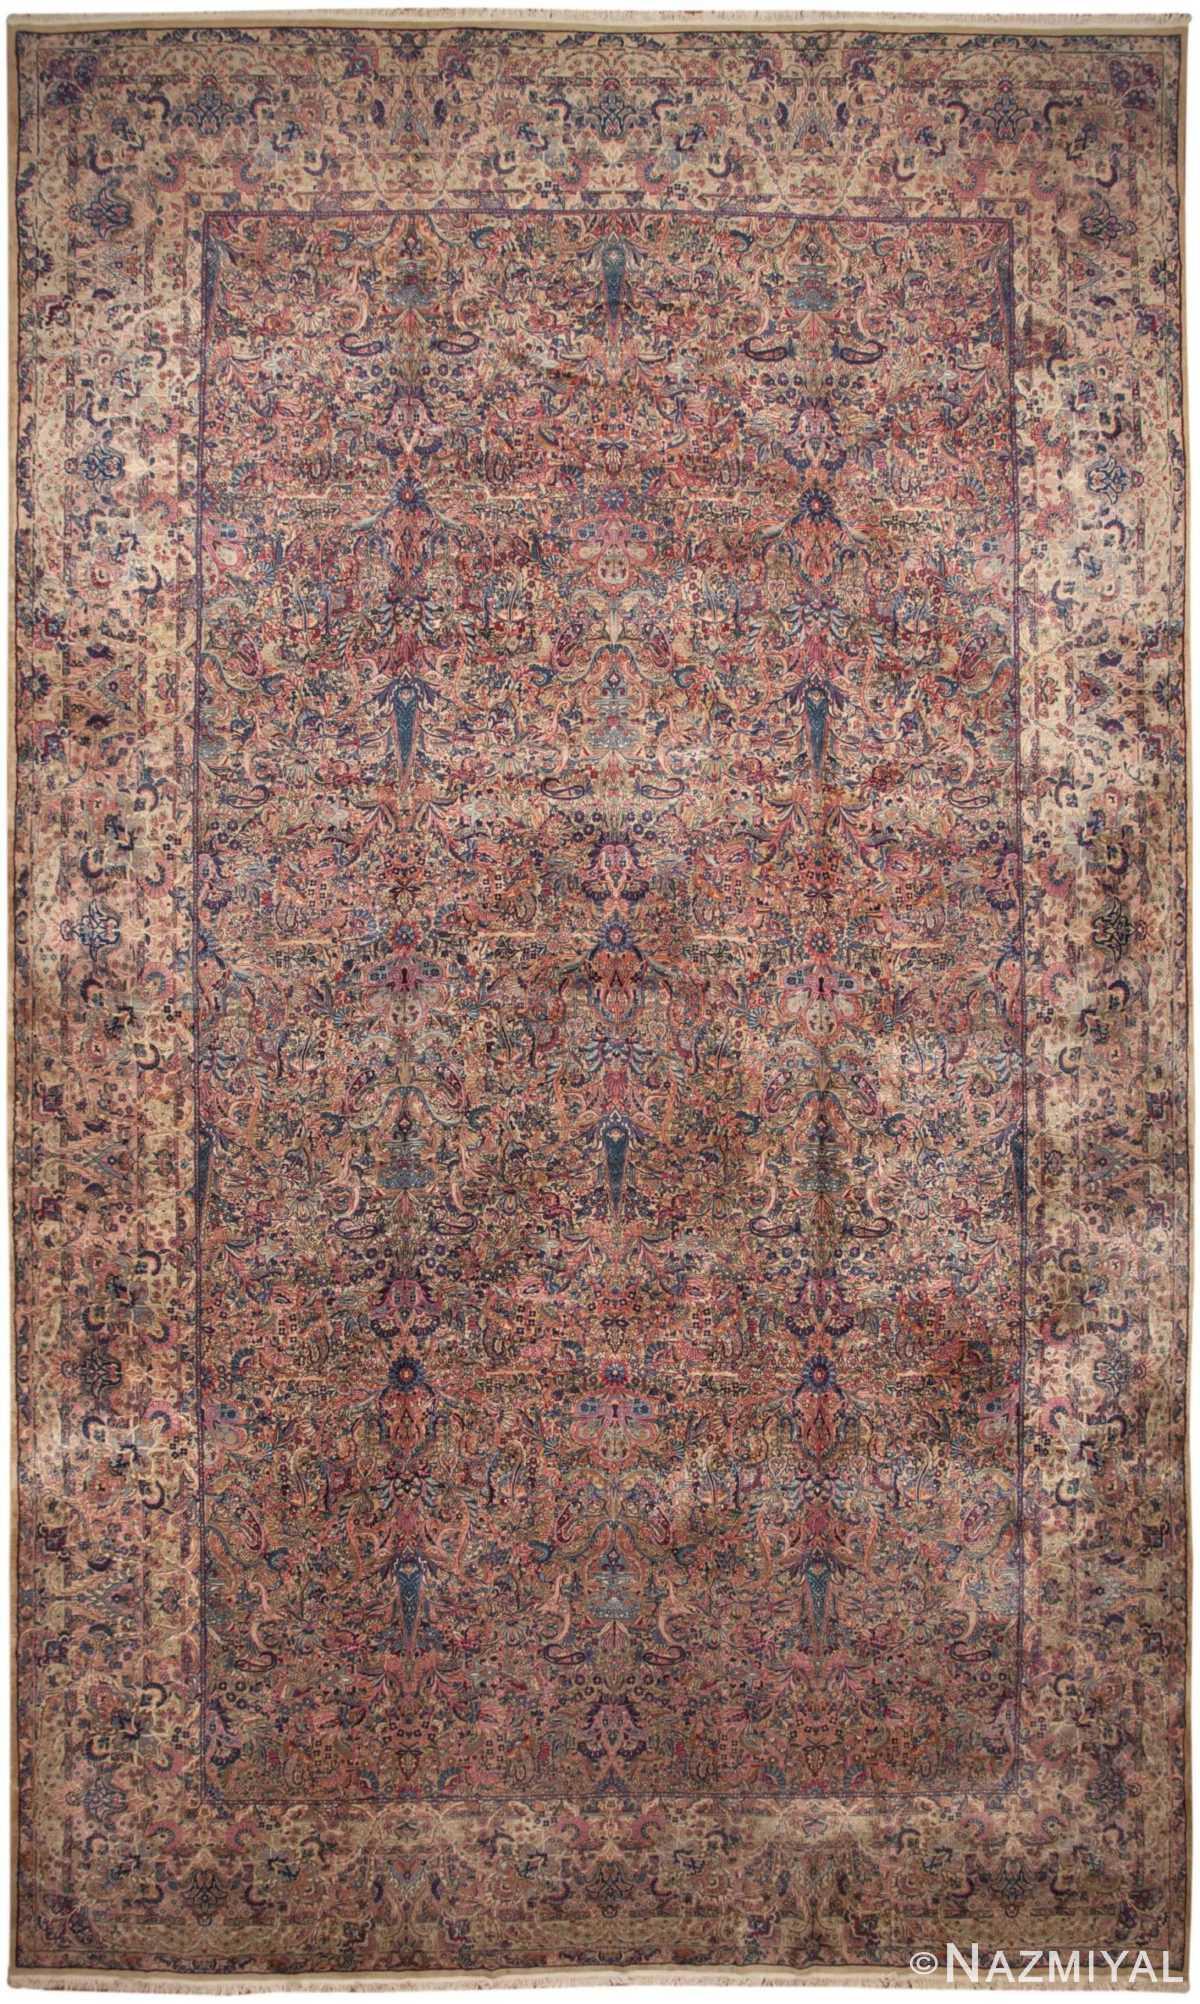 Antique Persian Kerman Rug 46399 Detail/Large View